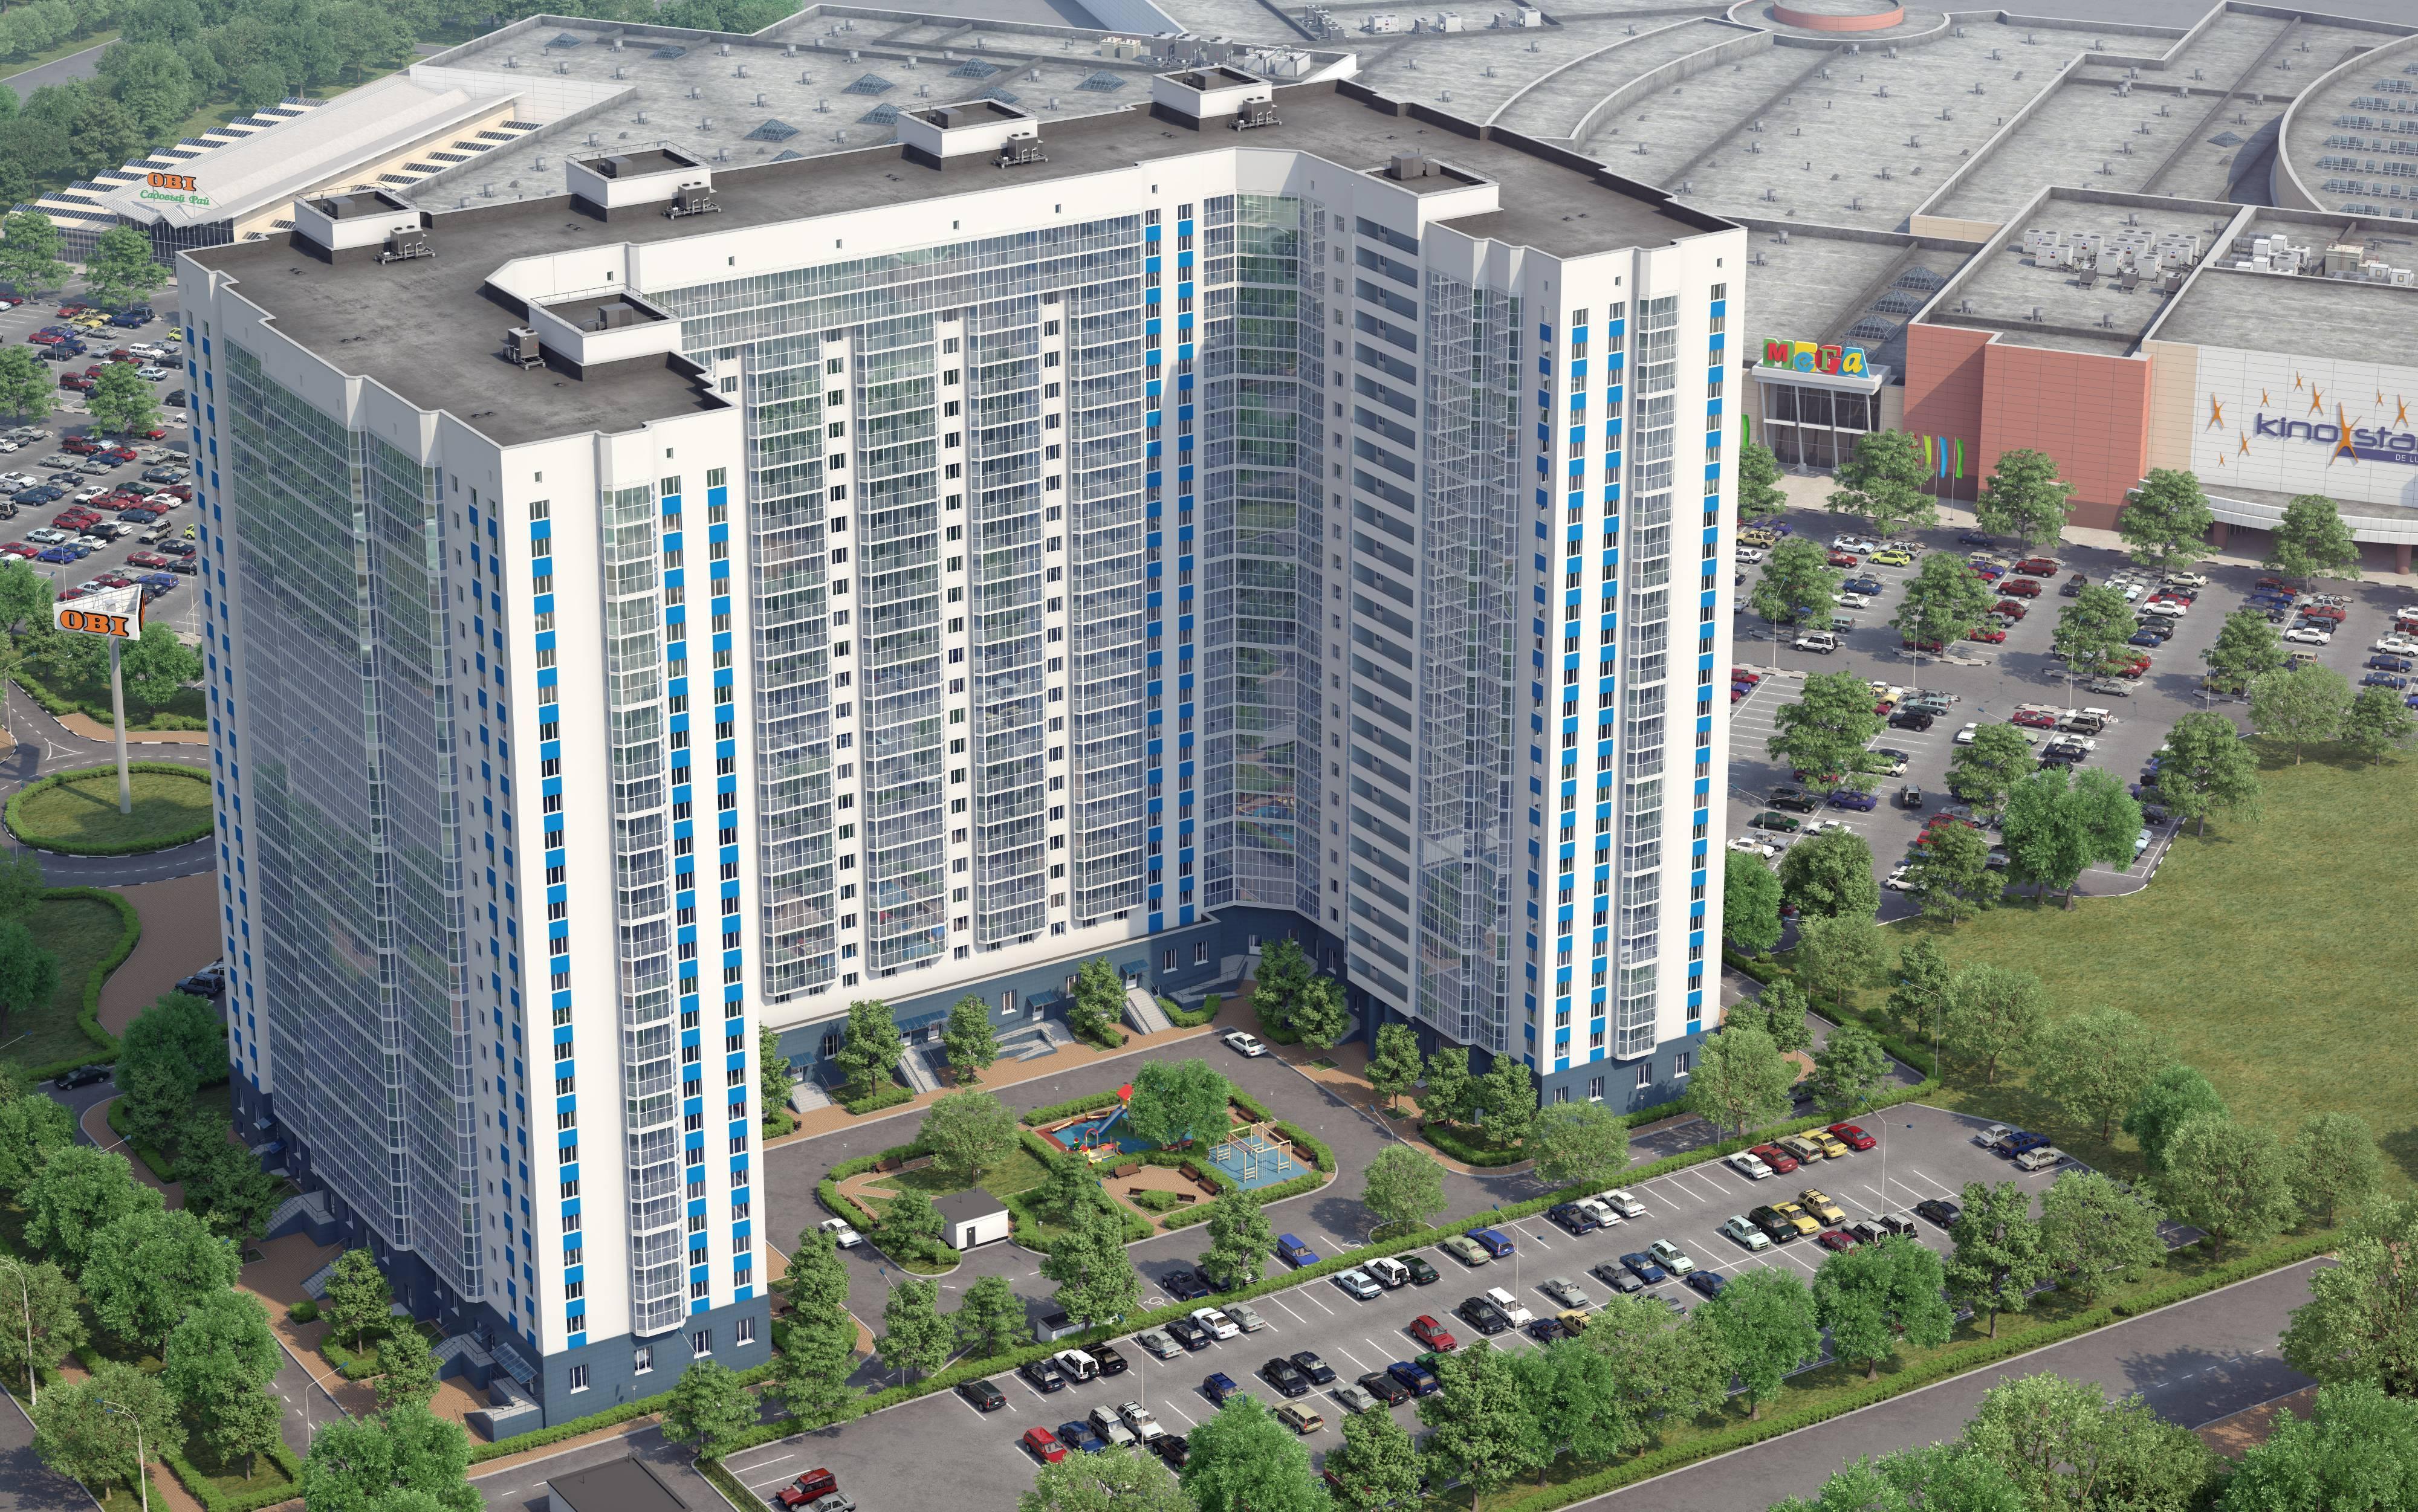 В ЖК «Менделеев» готовые квартиры с отделкой за 4,2 млн рублей